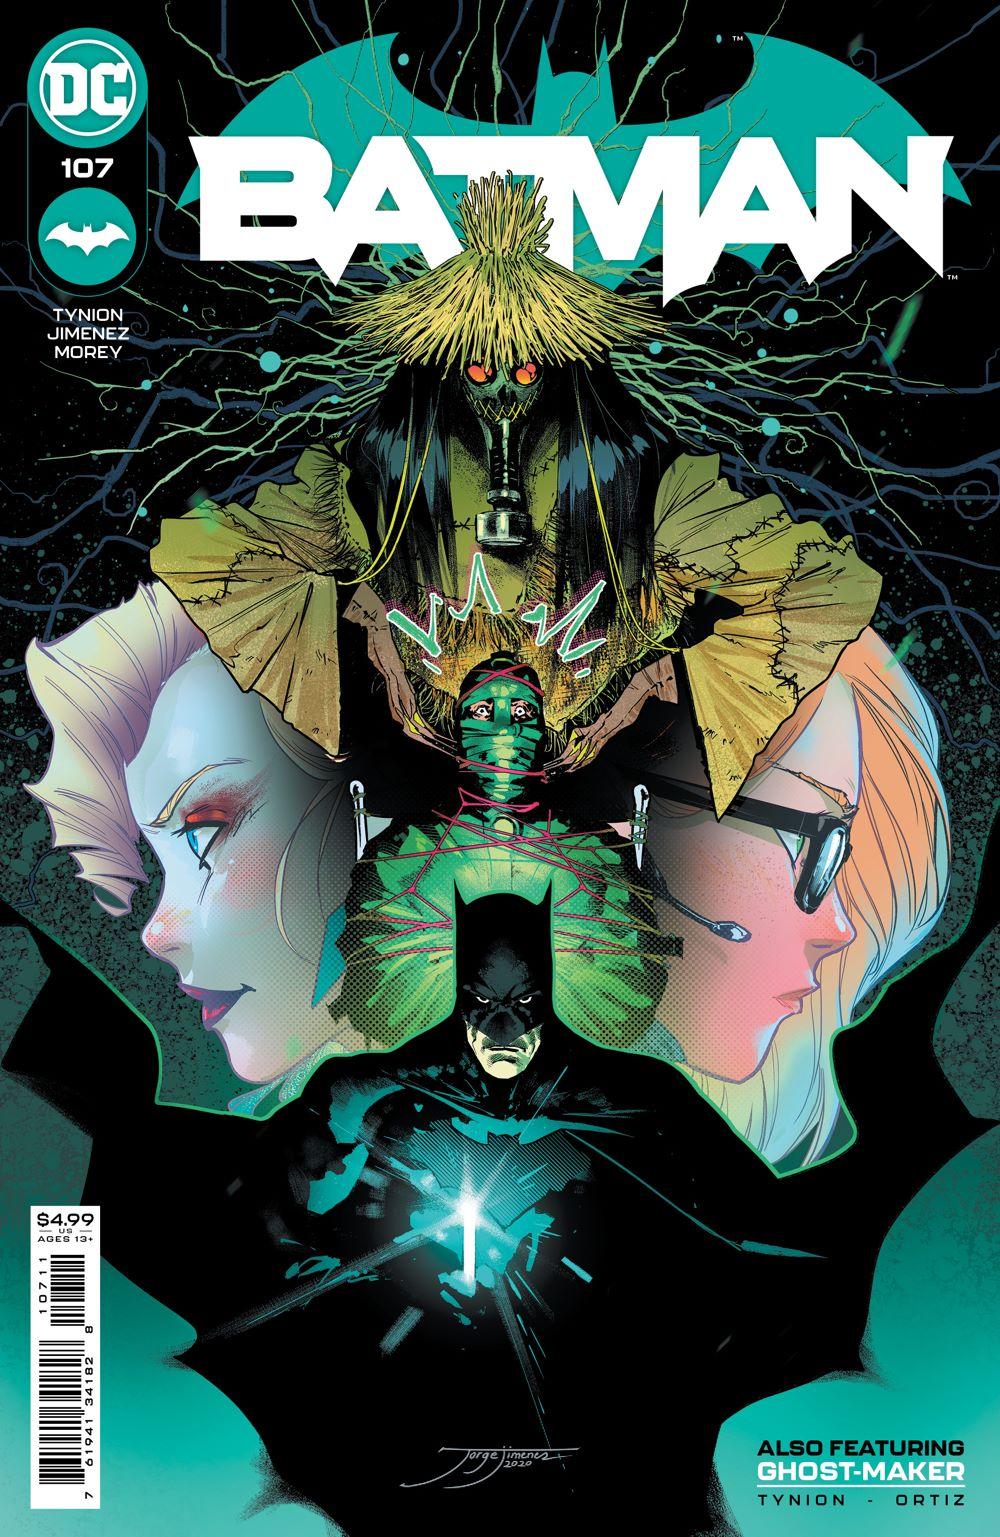 BM_Cv107 DC Comics April 2021 Solicitations